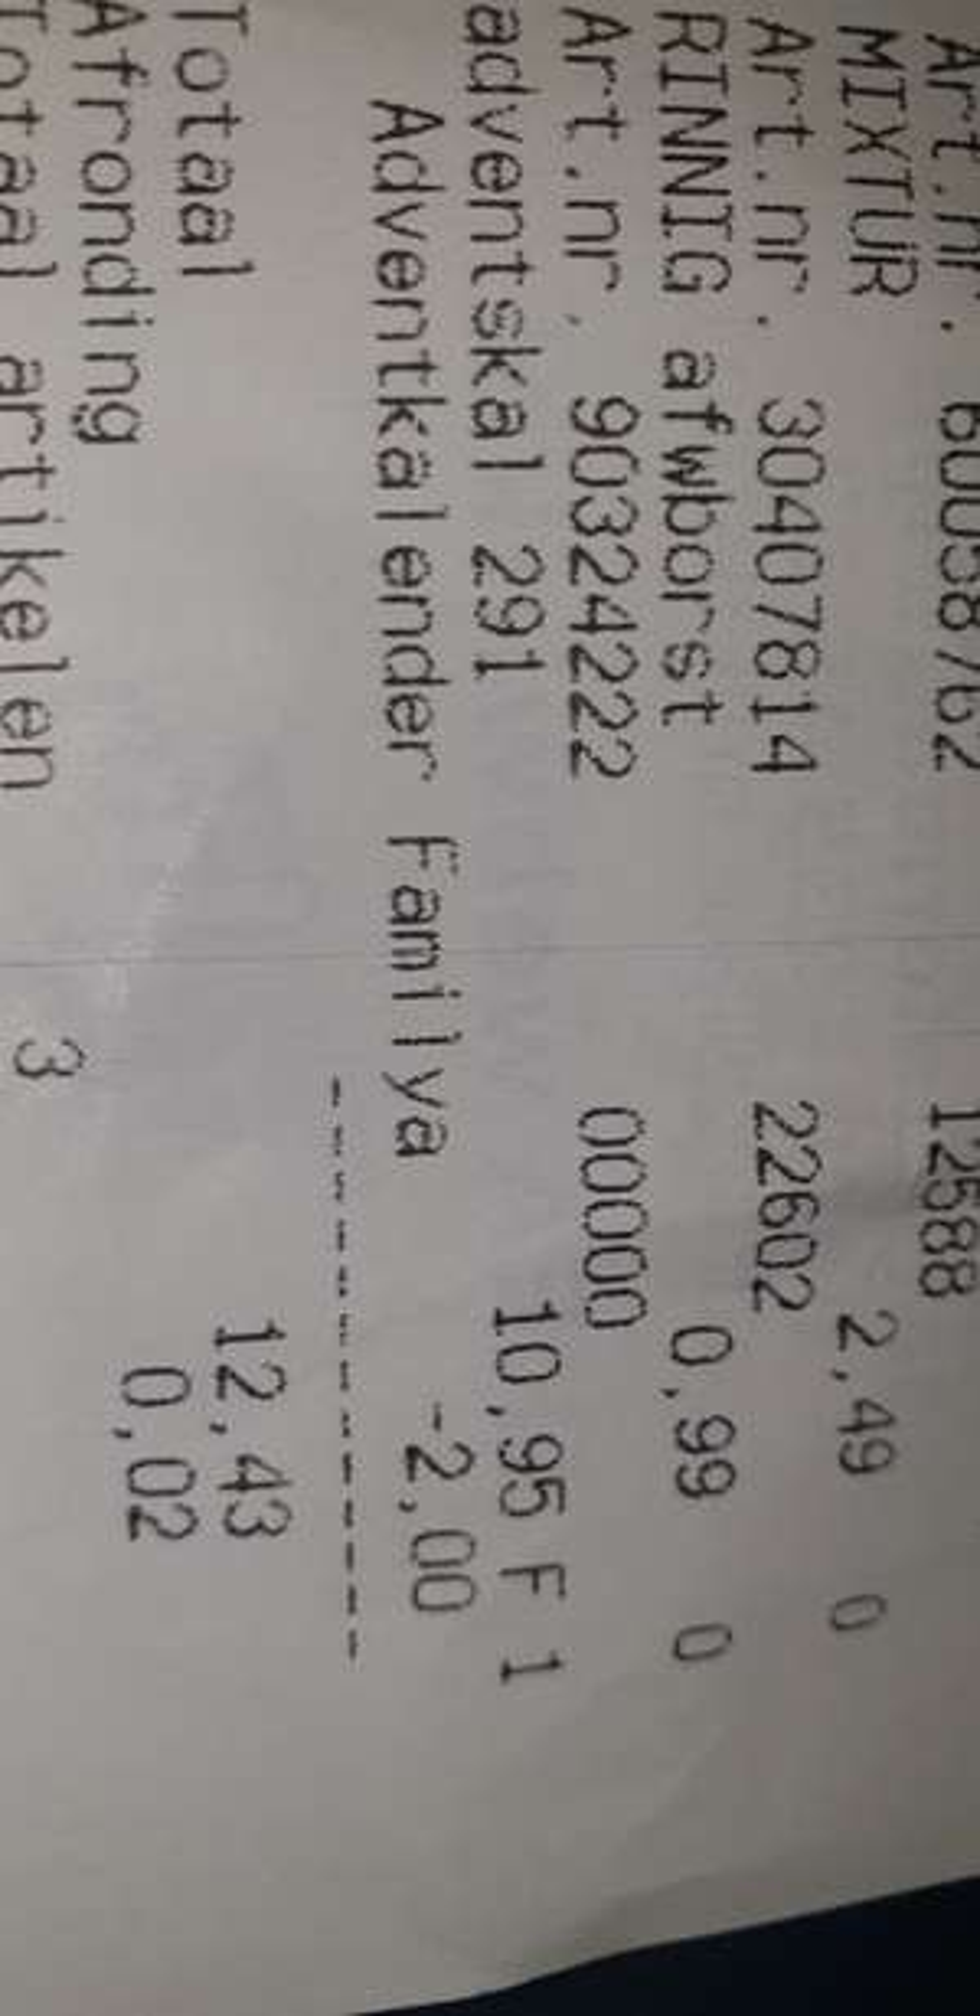 Prijsfout? 8.95 Ikea advent kalender met 10 euro aan kadokaarten en bon bons